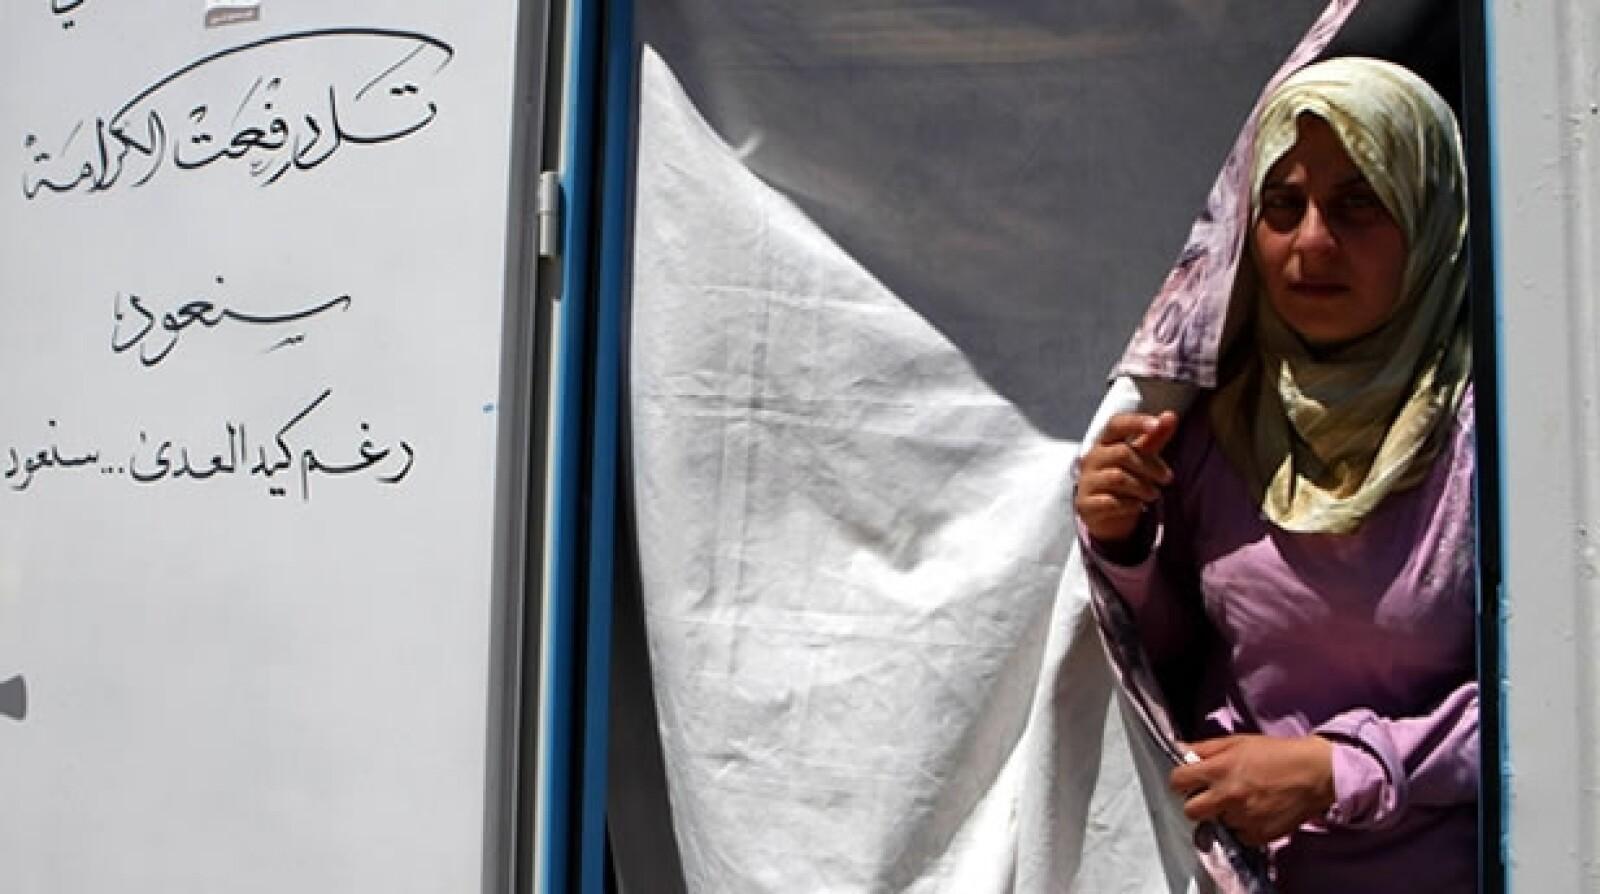 refugiados, siria, conflictom derechos humanos, acnur, onu